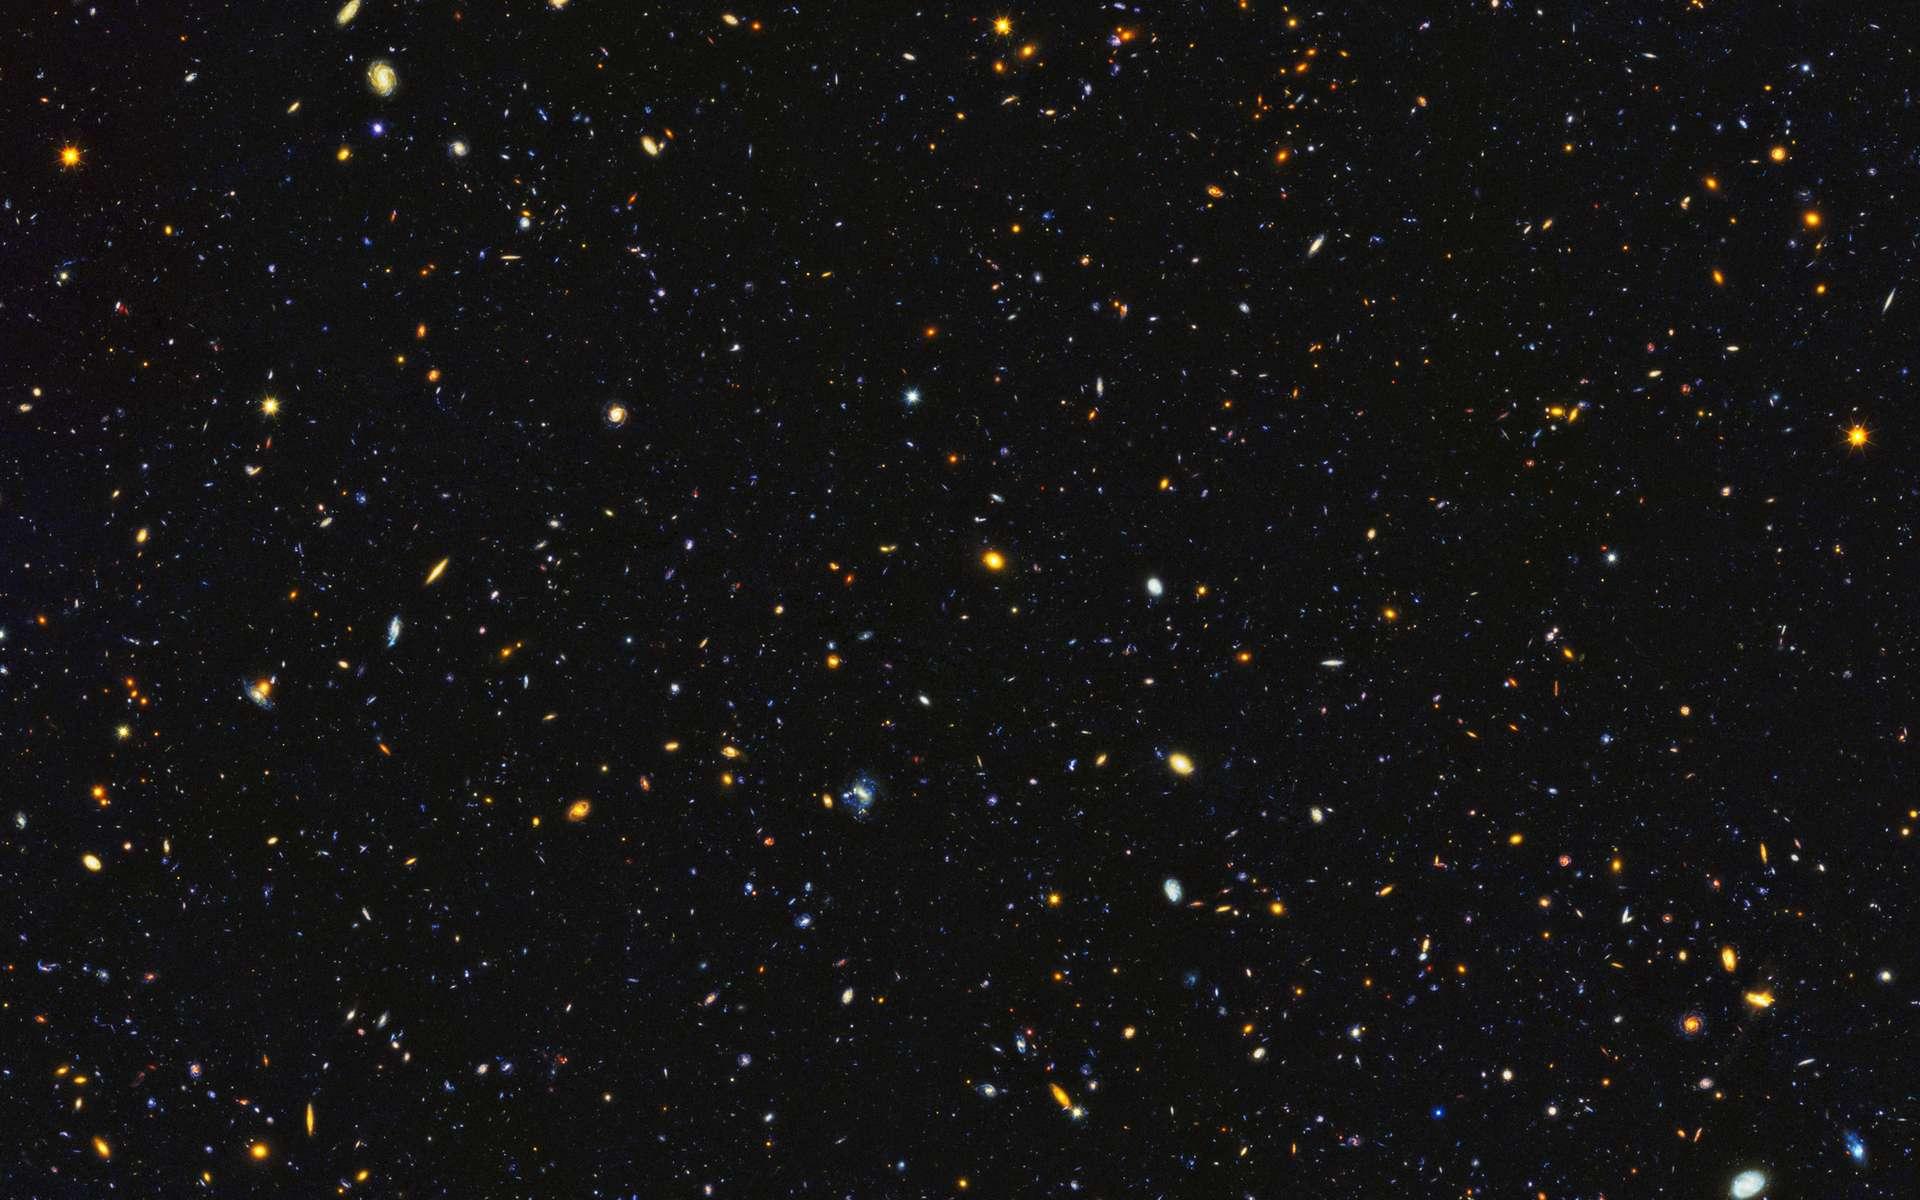 Les galaxies foisonnent dans cette image composite du projet HDUV (Hubble Deep UV). Une petite fenêtre ouverte sur l'univers. © Nasa, ESA, P. Oesch (University of Geneva), M. Montes (University of New South Wales)